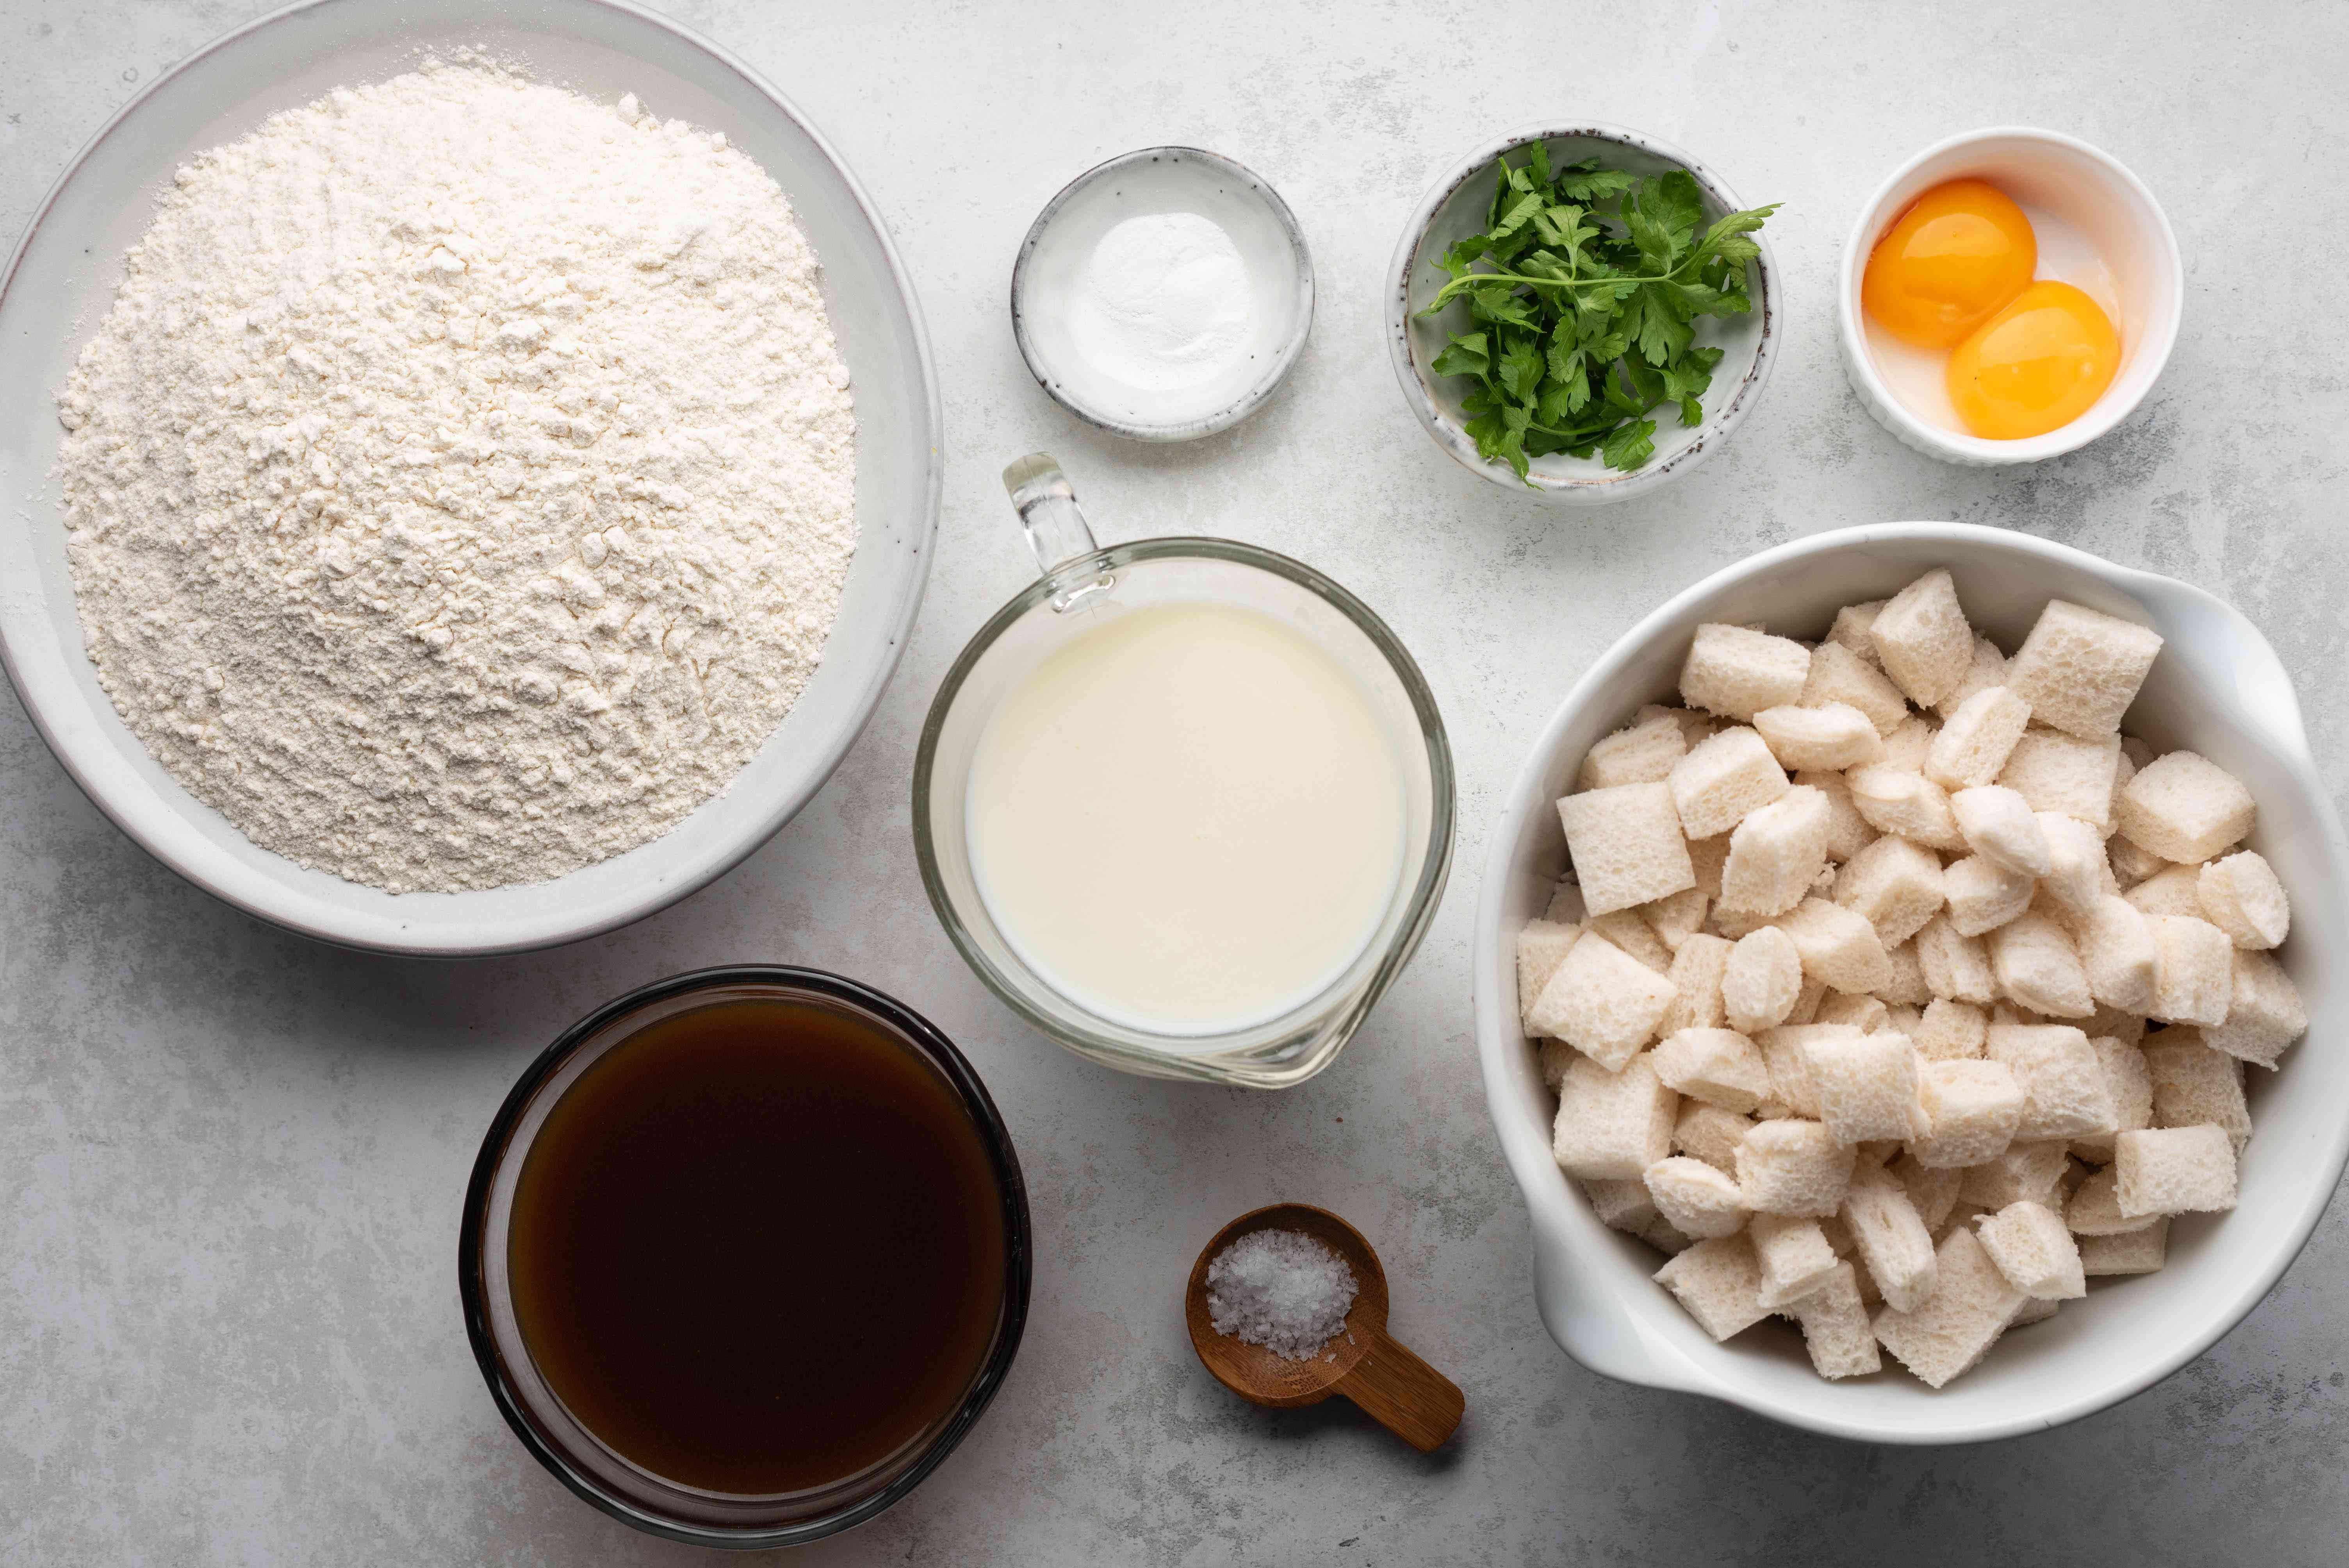 Ingredients for Czech bread dumplings recipe